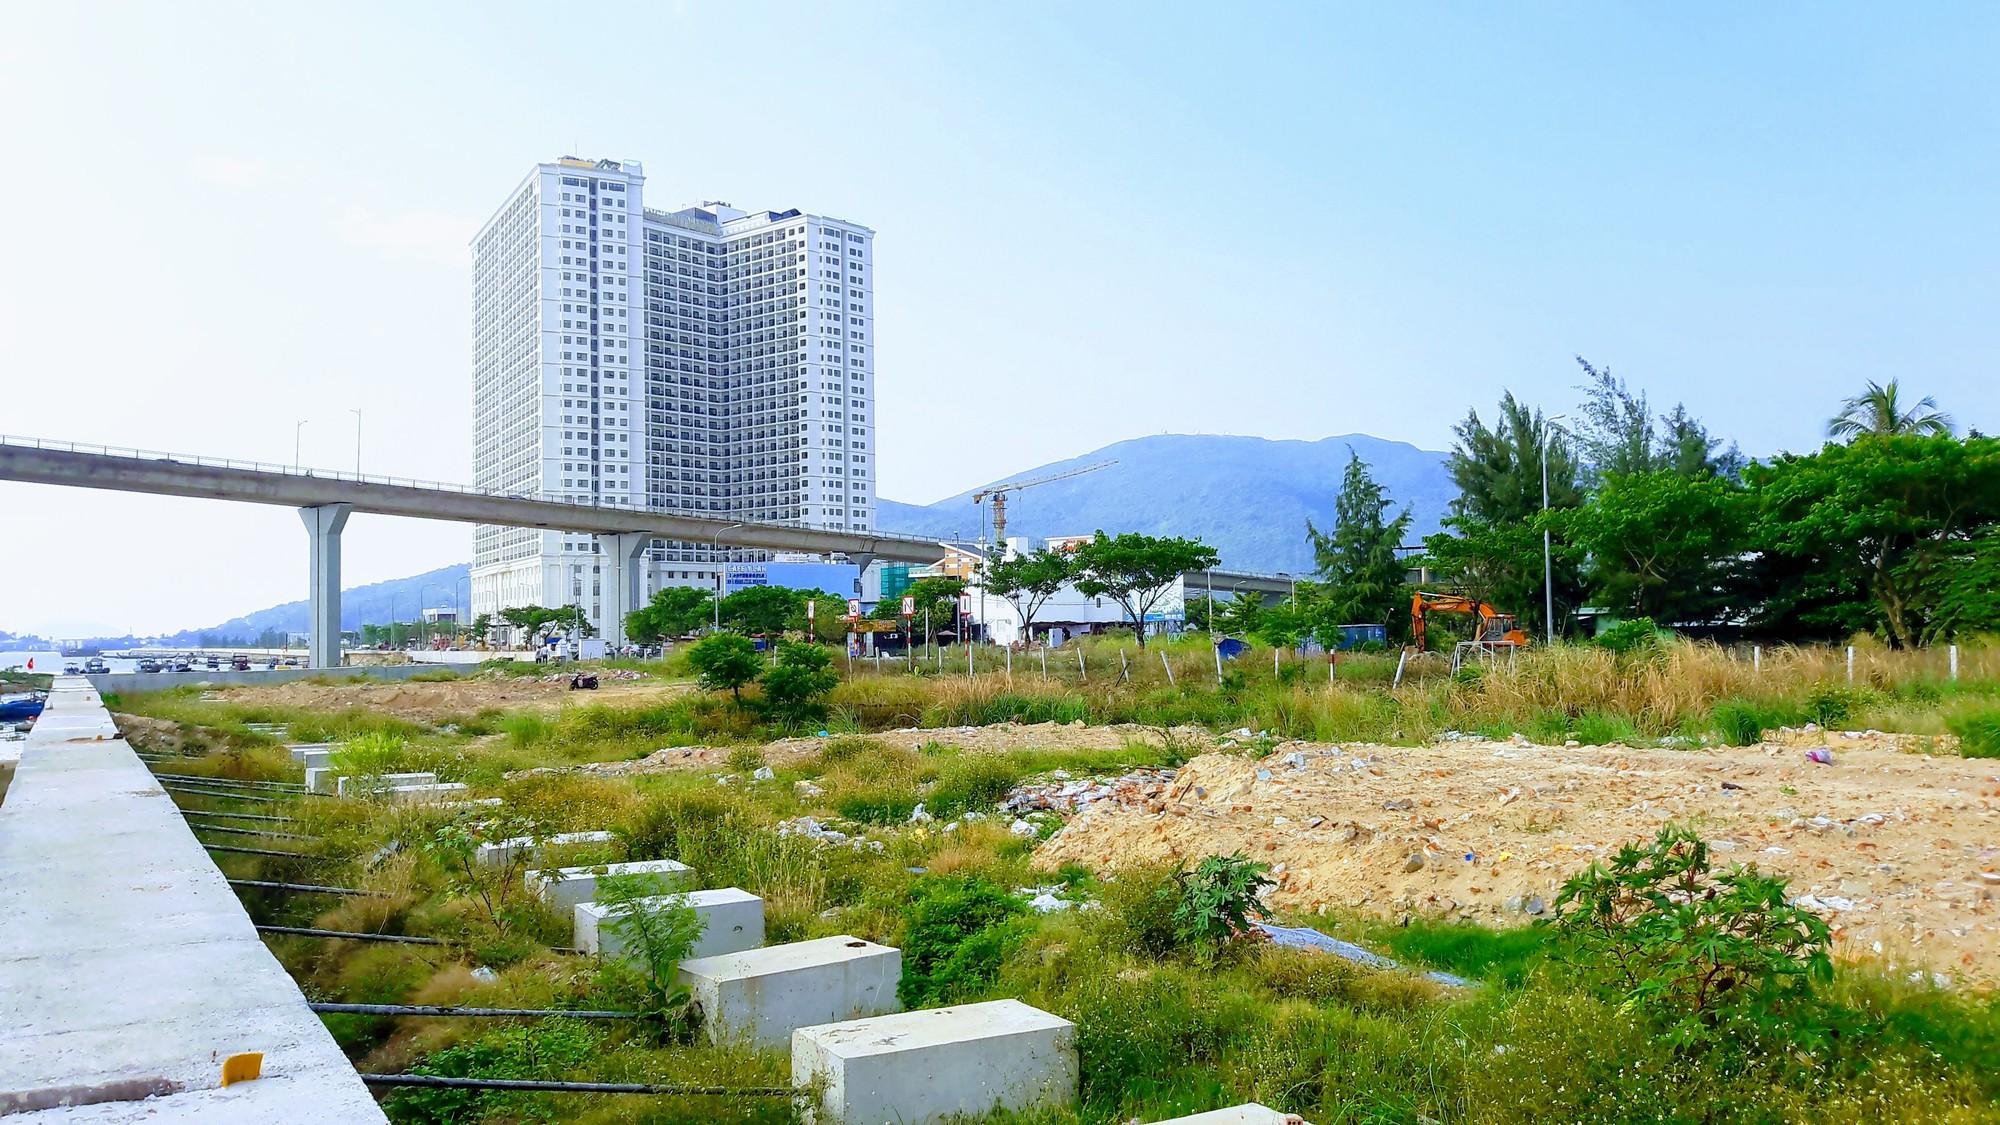 Chủ đầu tư hai dự án bất động sản lấn sông Hàn thống nhất dành khu ven sông làm công viên, lối đi bộ - Ảnh 8.